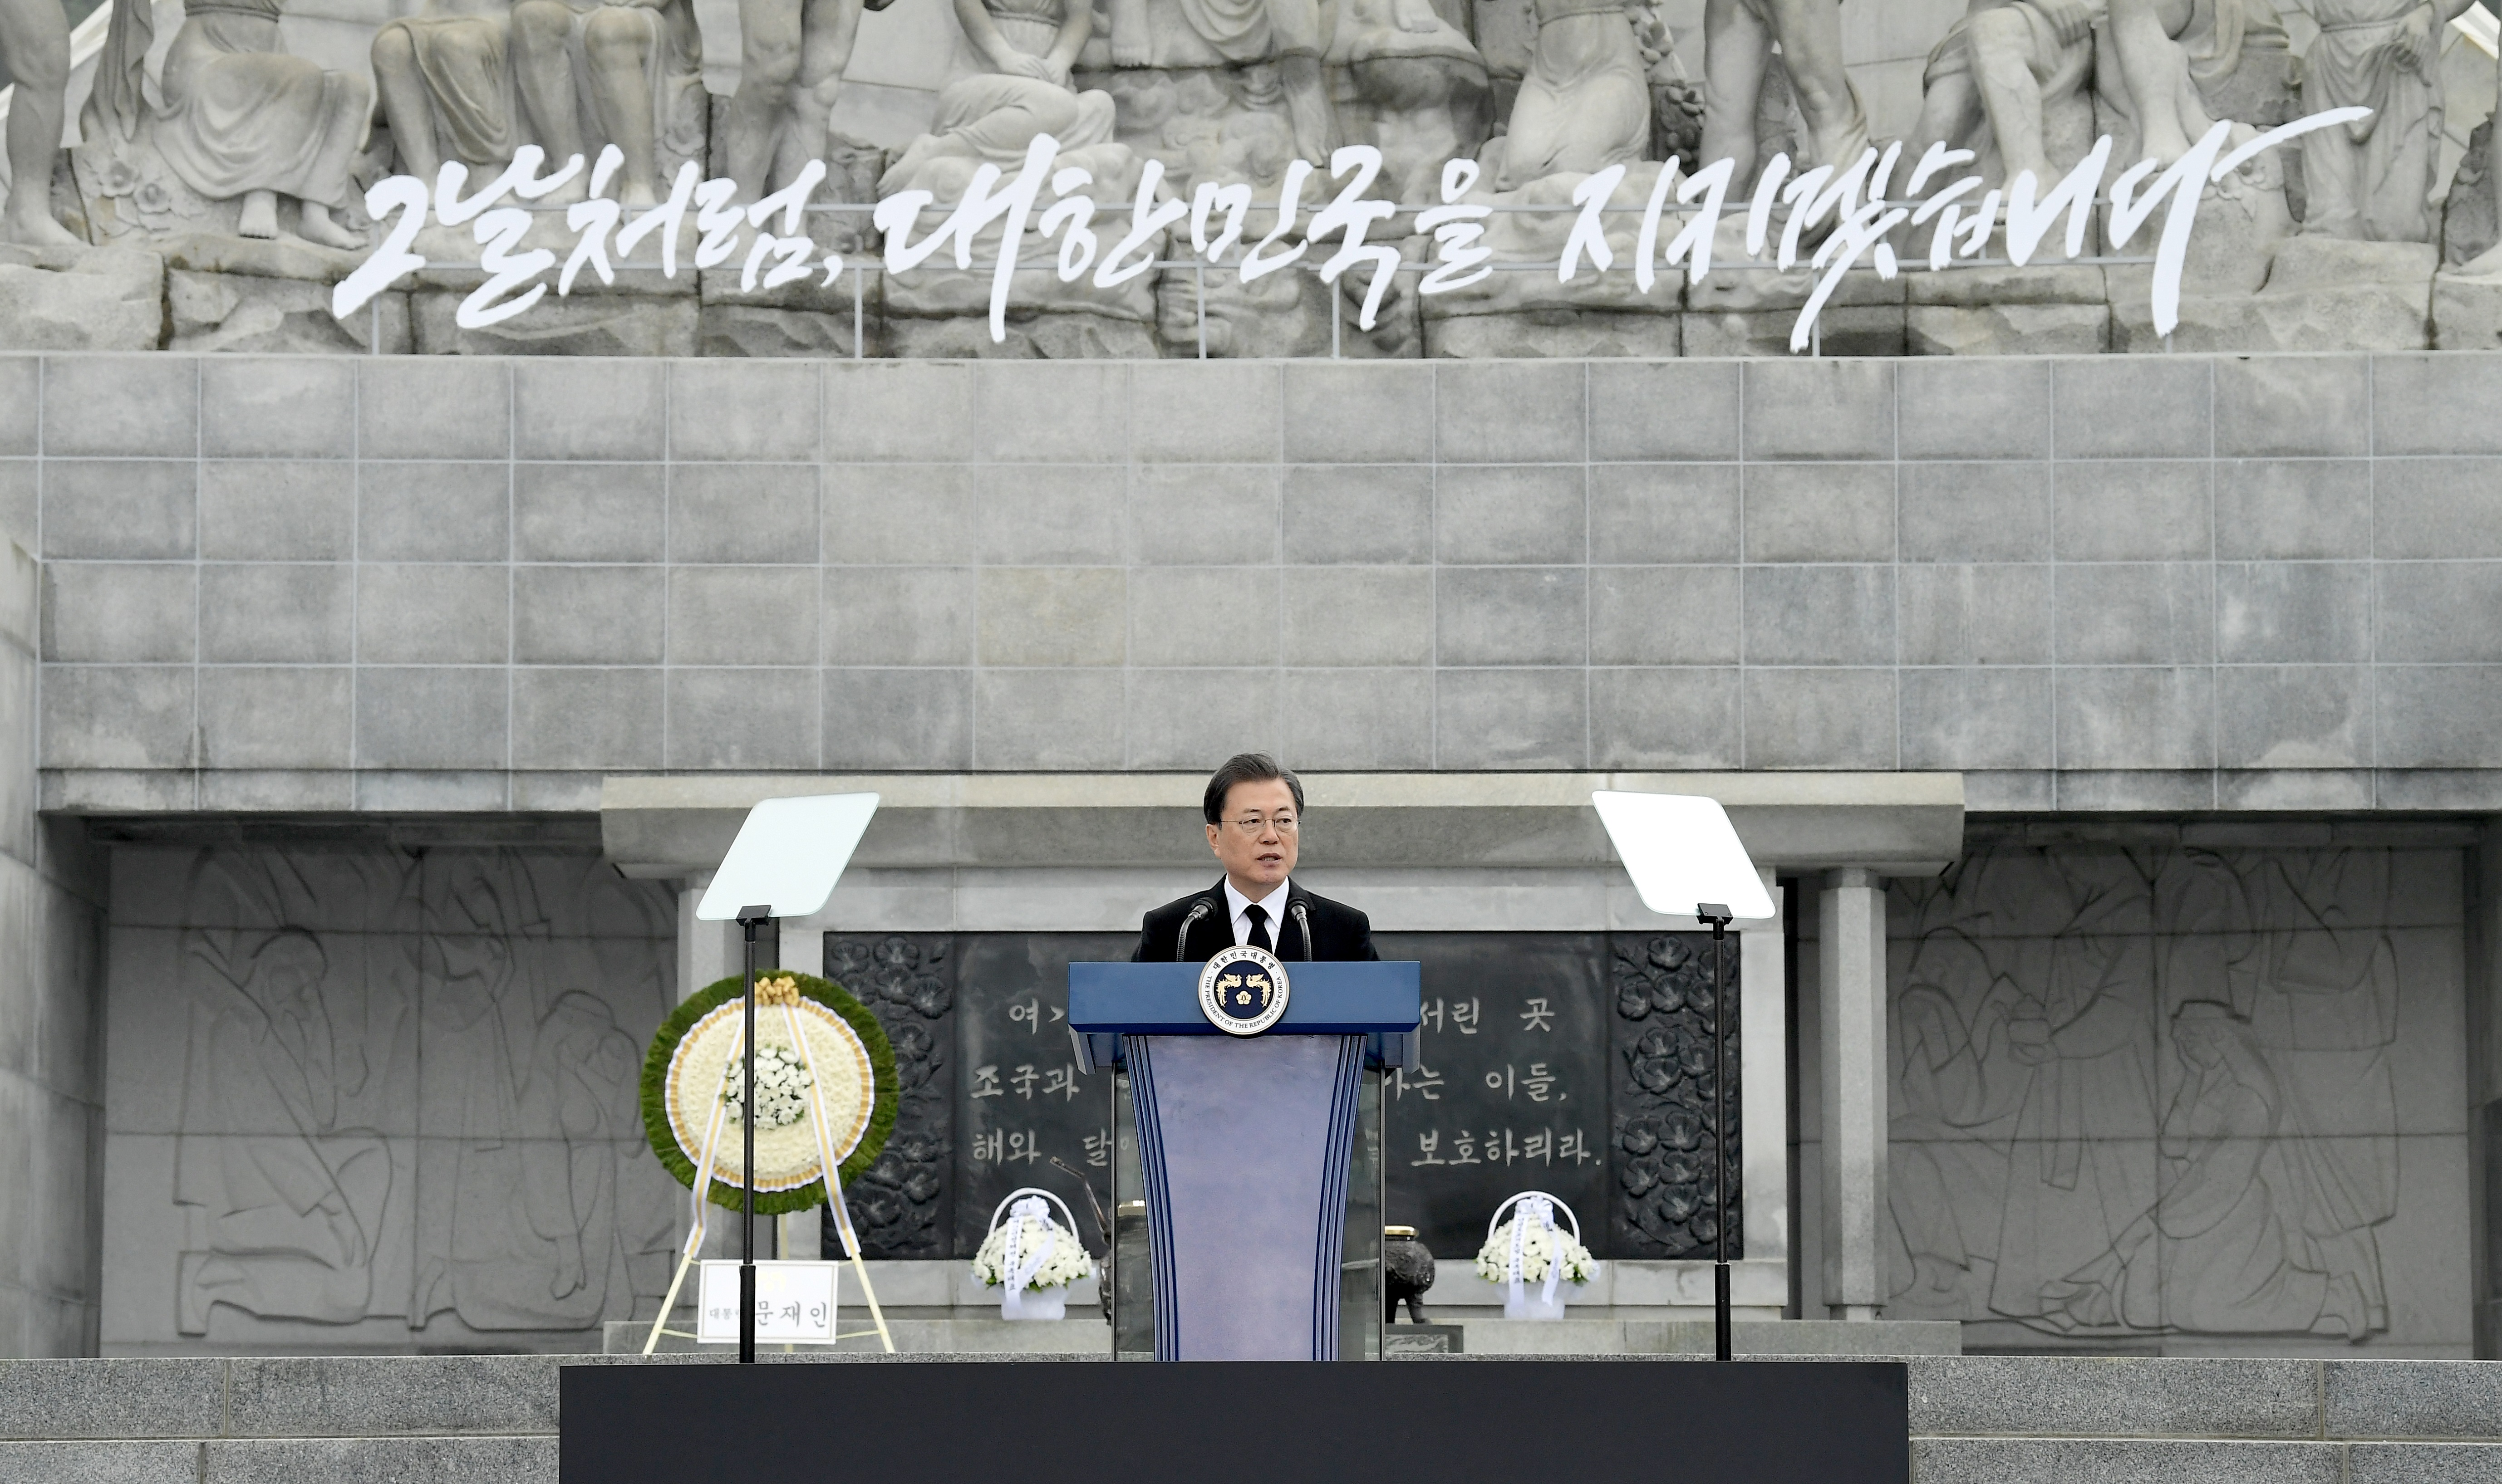 서해수호의 날 기념식에서 기념사하는 문재인 대통령